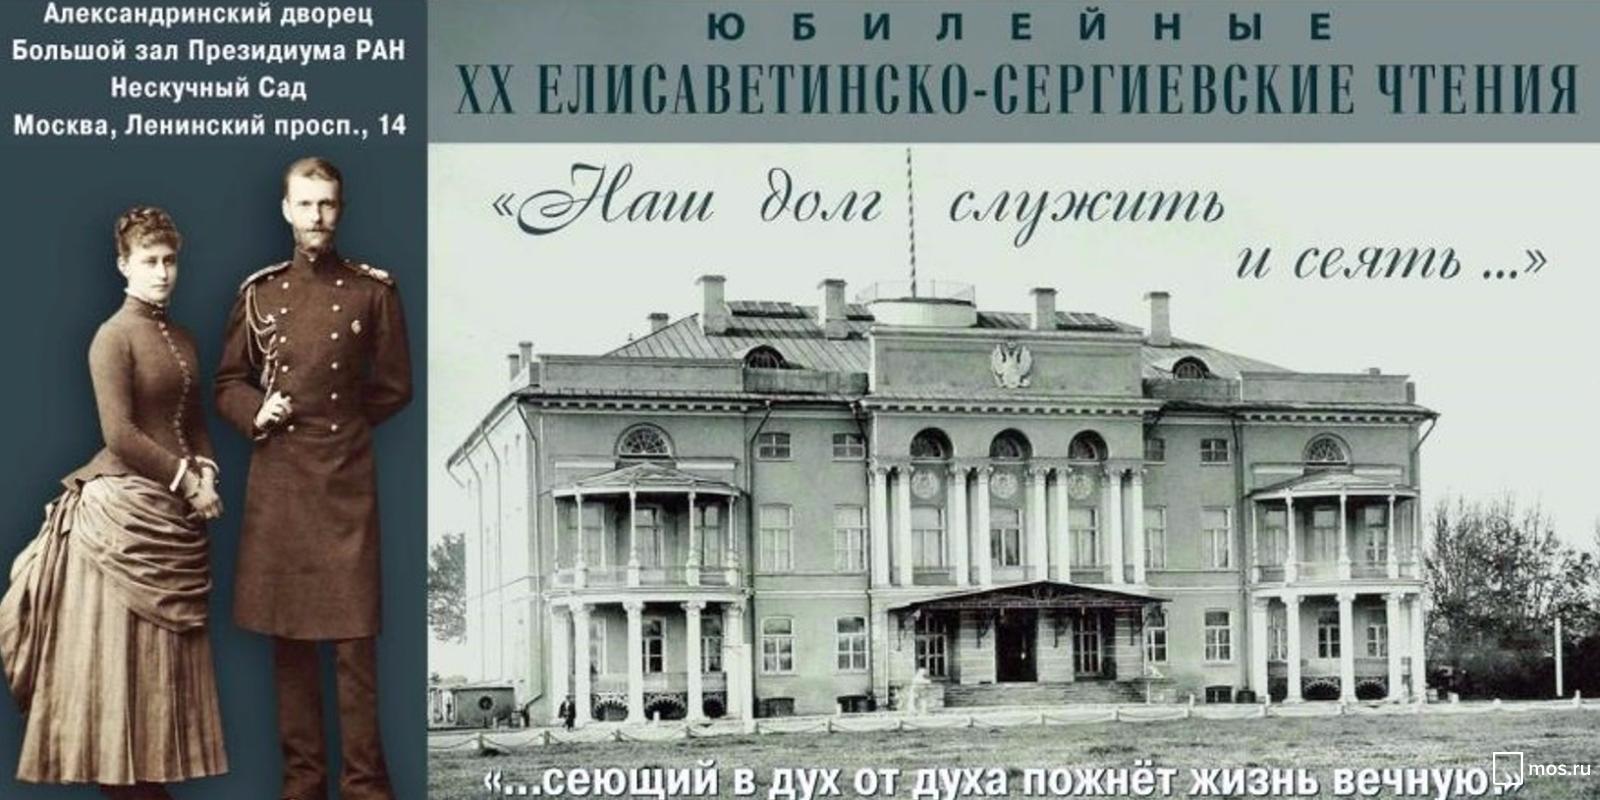 В.Р. Легойда принял участие в ХХ Елисаветинско-Сергиевских чтениях